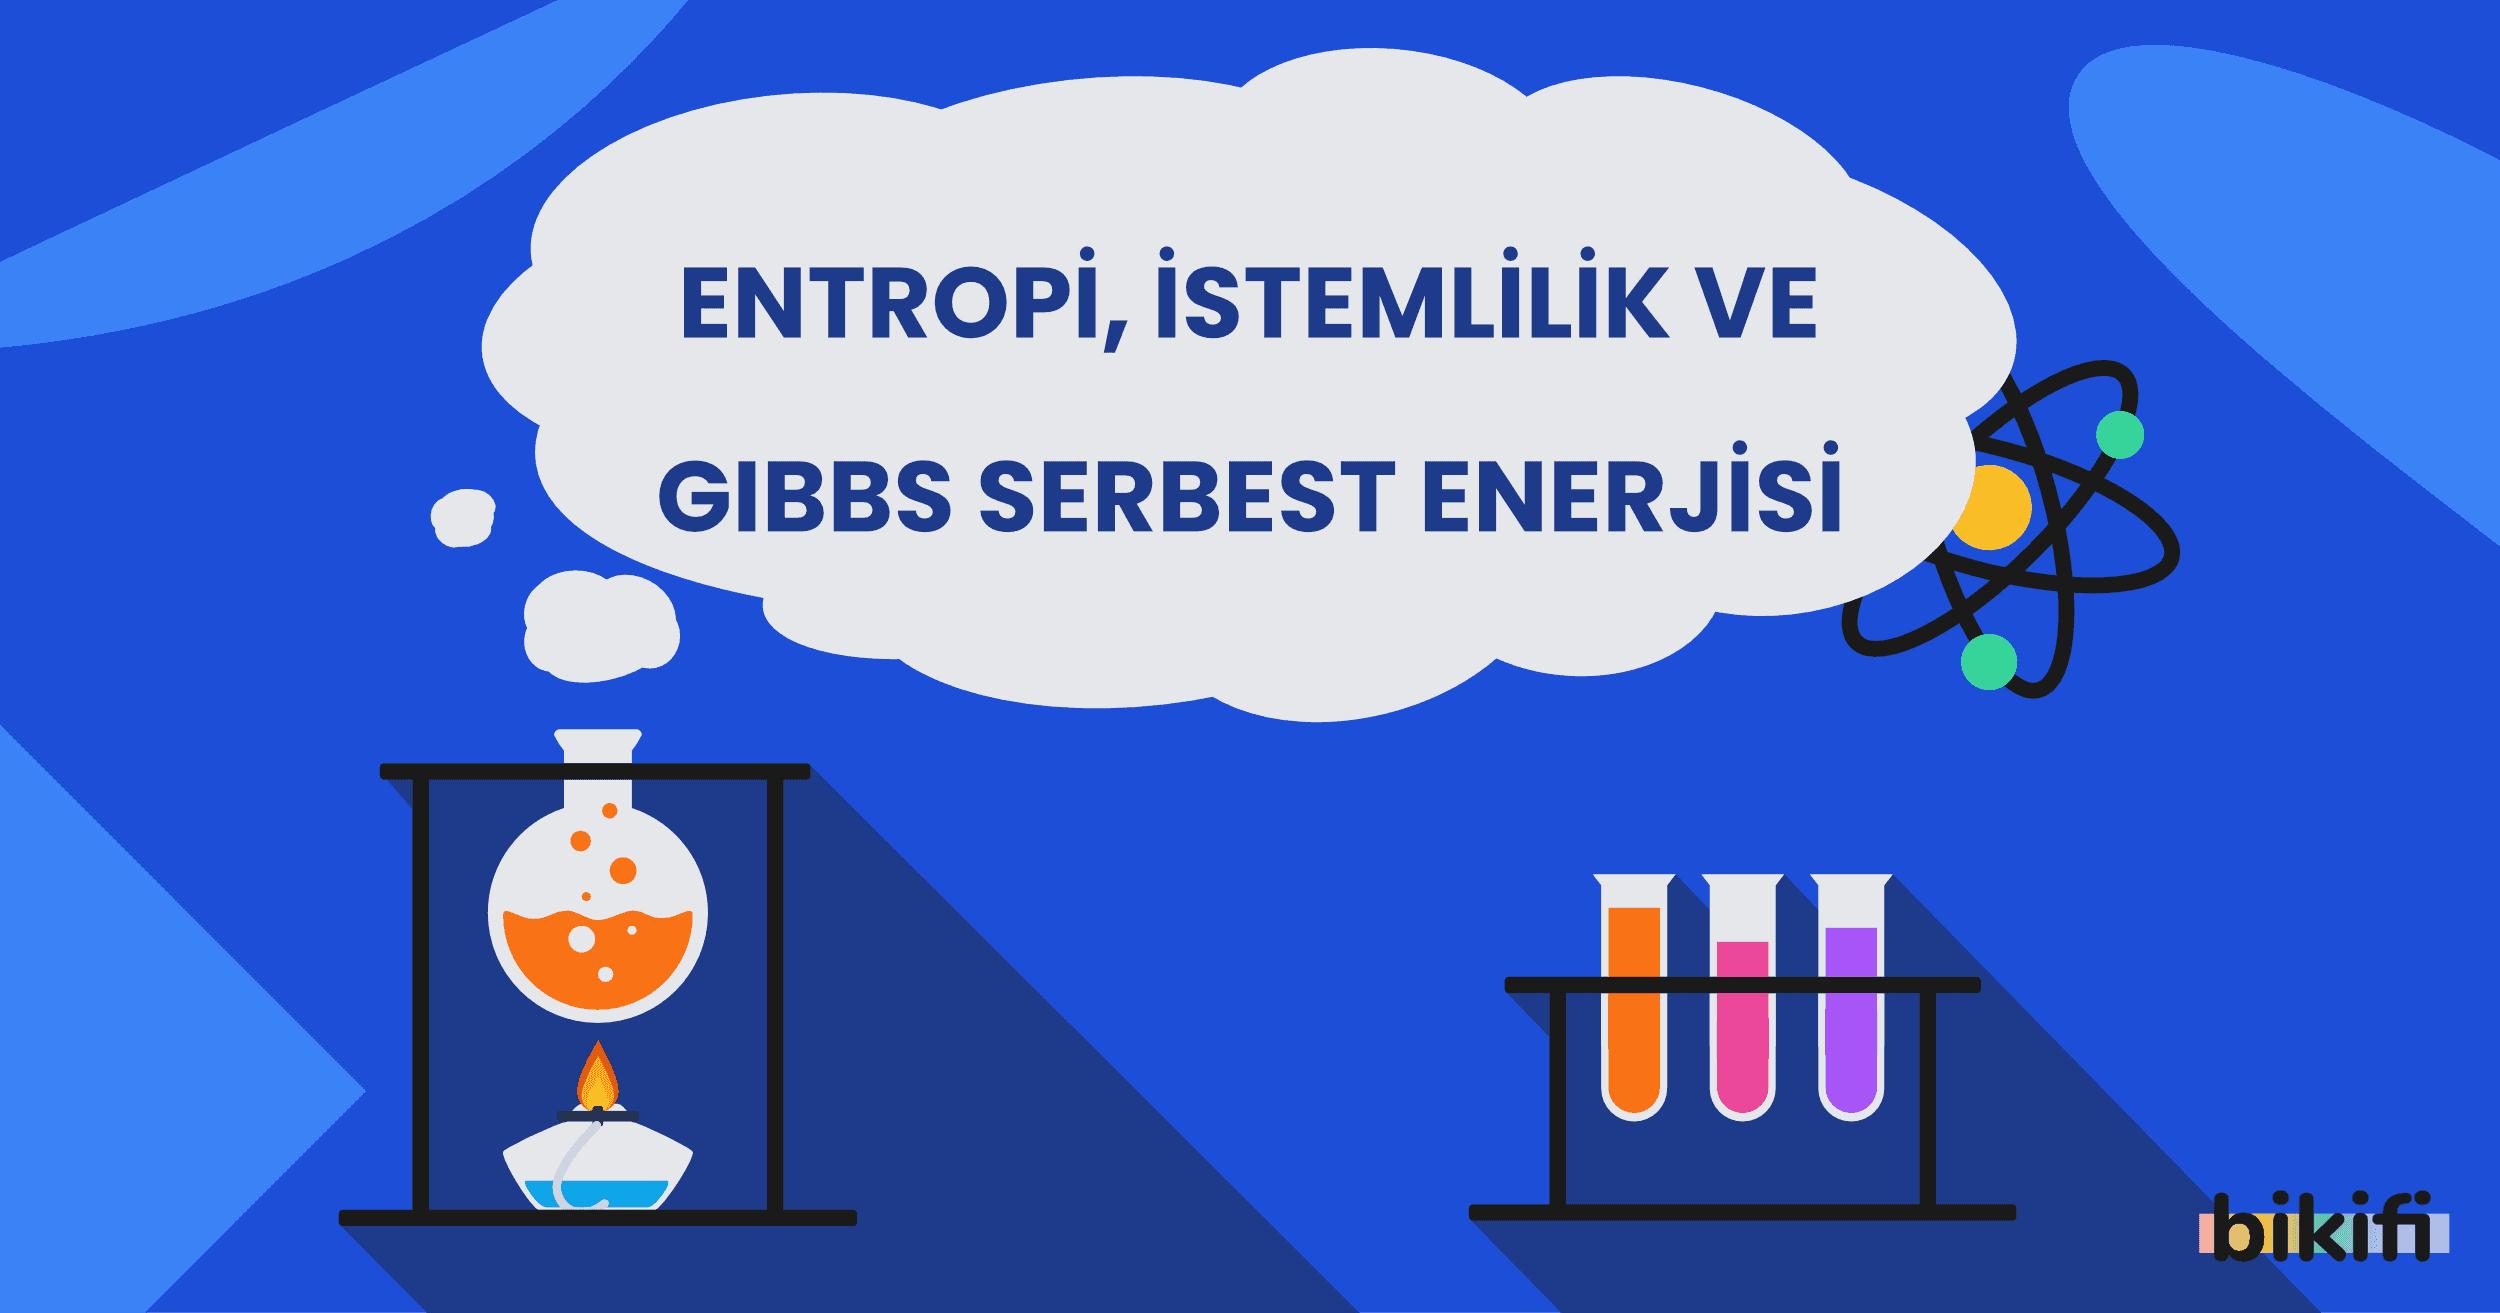 Entropi, İstemlilik ve Gibbs Serbest Enerjisi